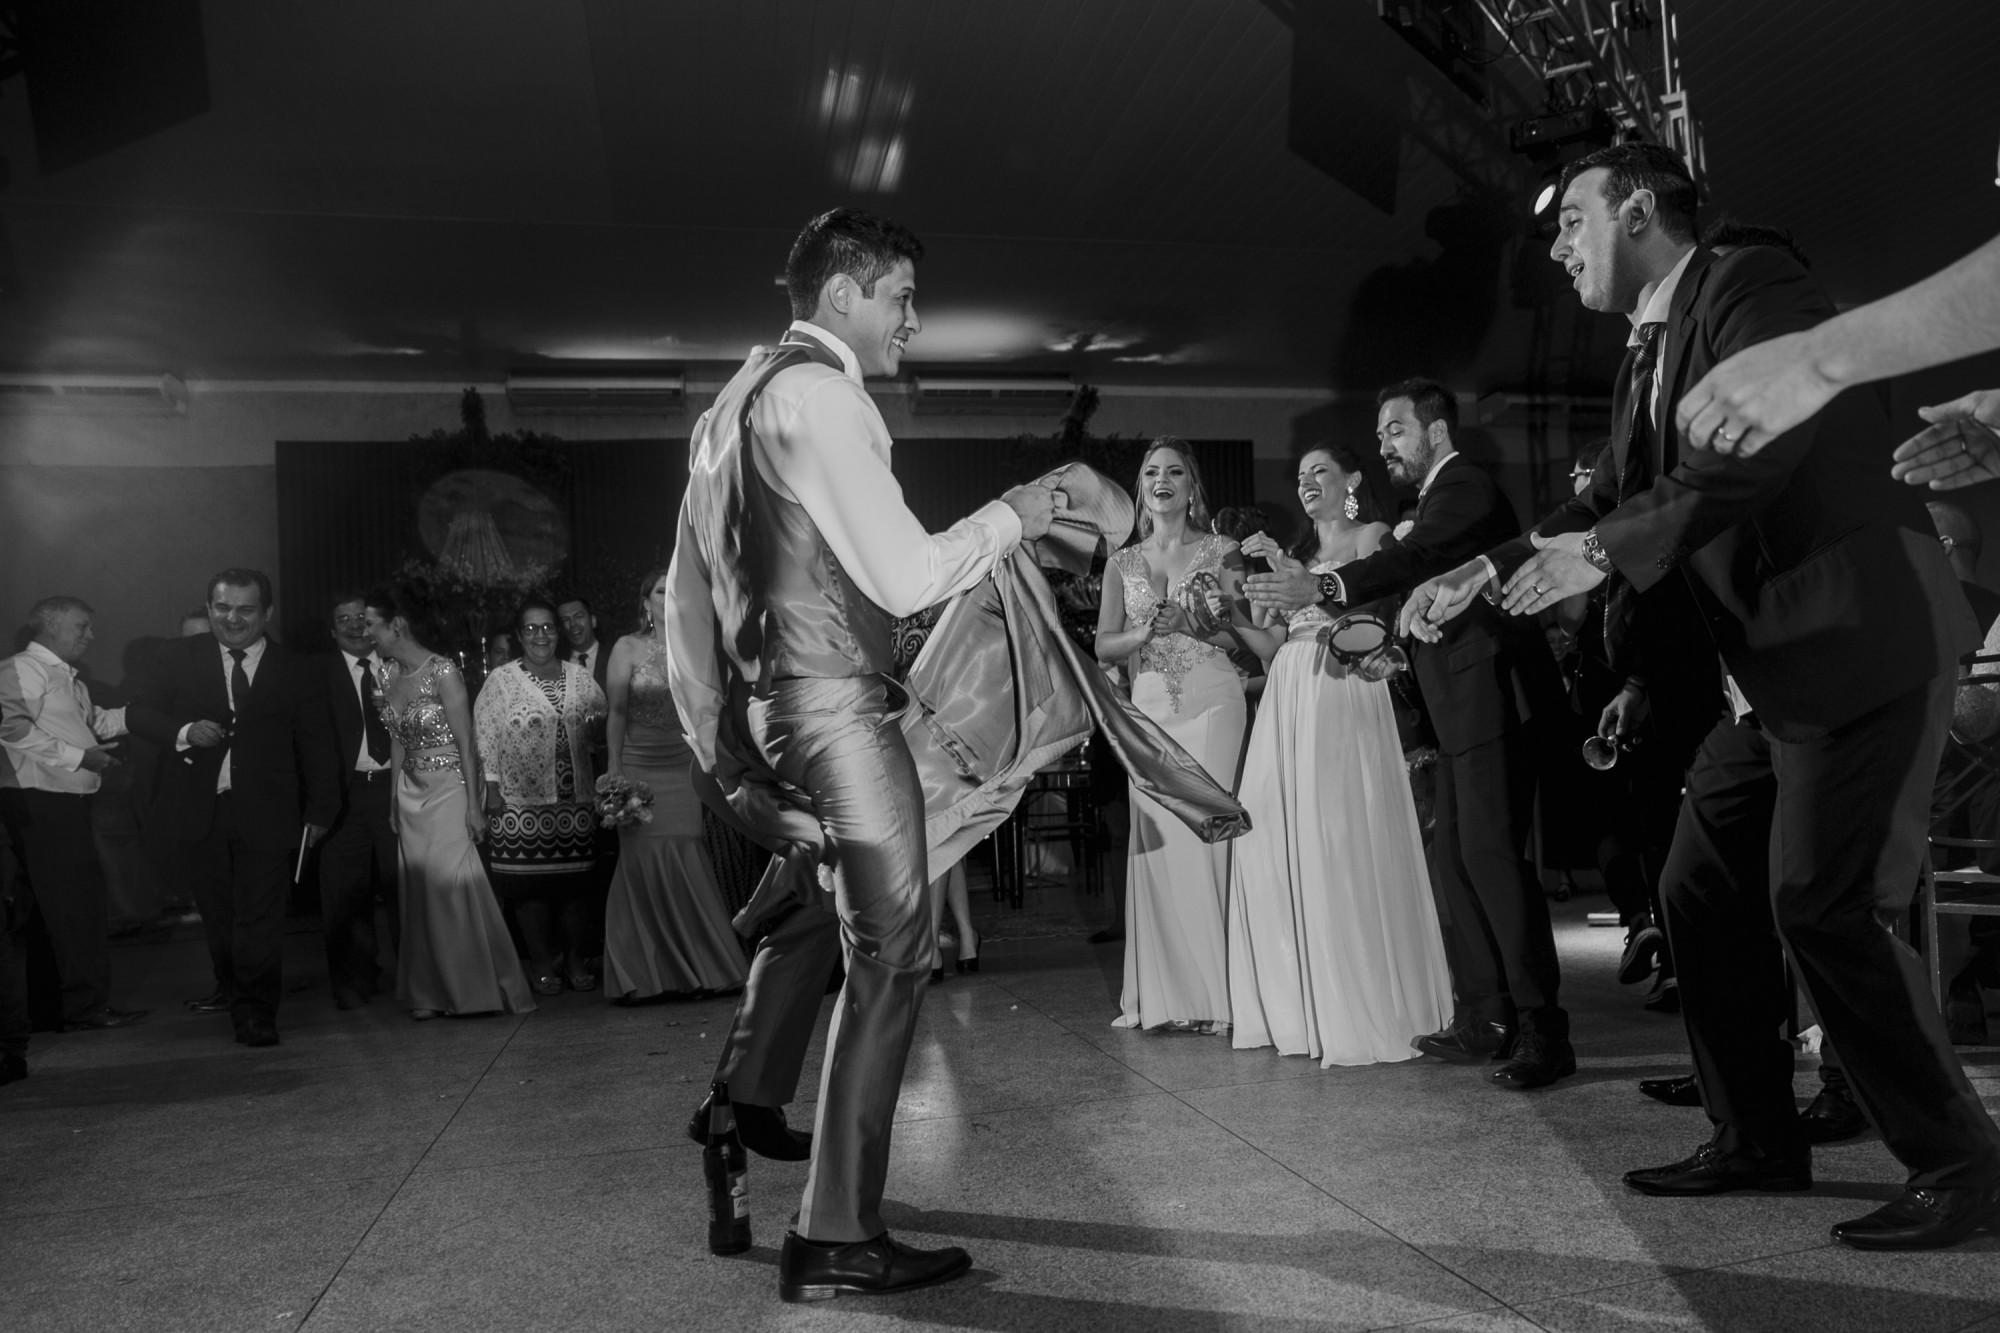 Casamento Camila Rampim e Rafael em Terra Roxa - Paraná - por Lorran Souza e Léia Sotile - fotografos de casamentos - 71